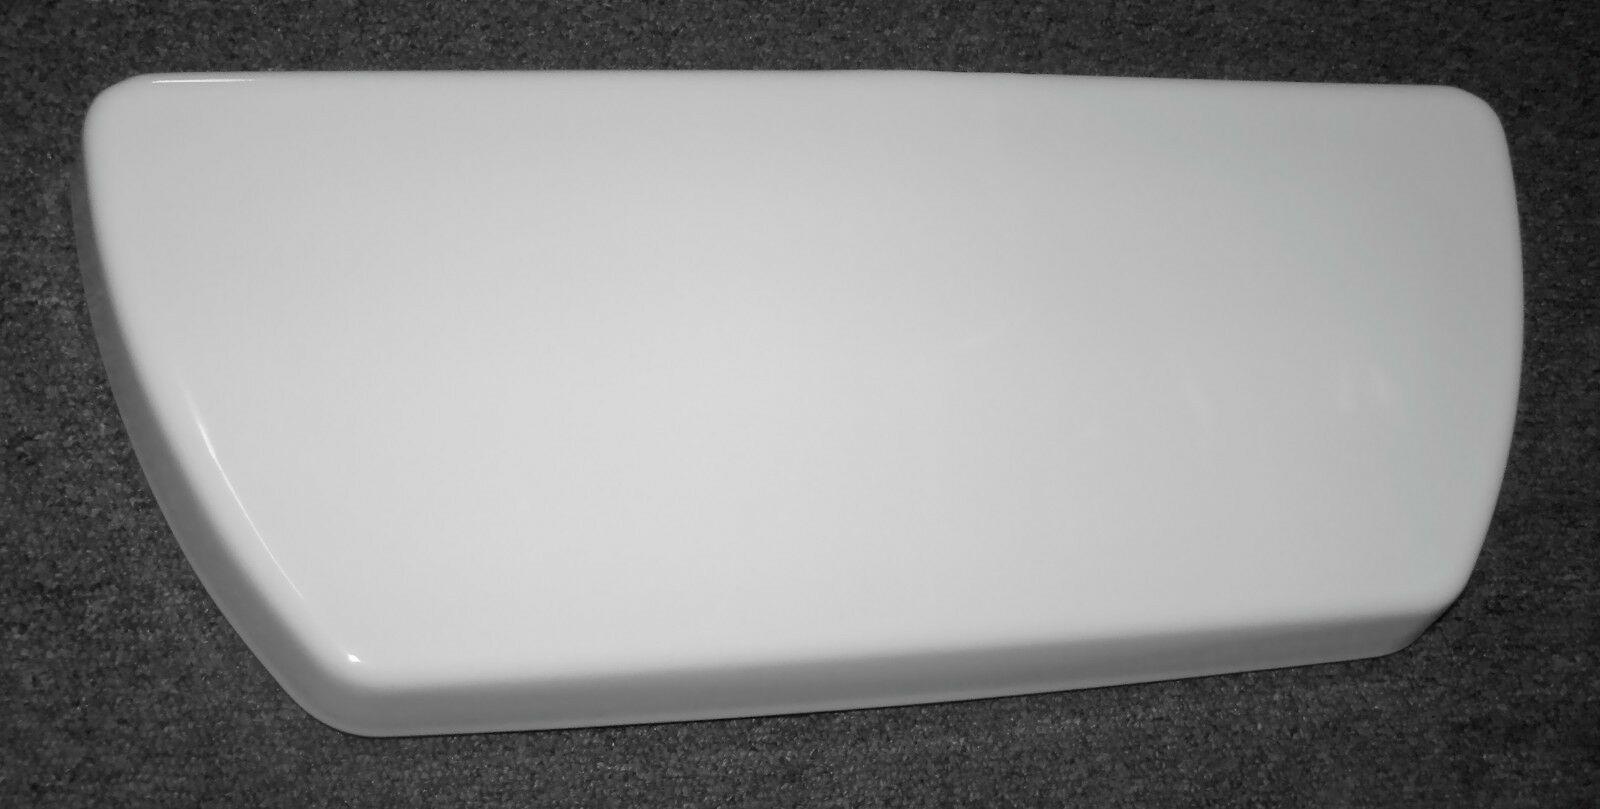 Kohler 84591 Toilet Tank Lid White